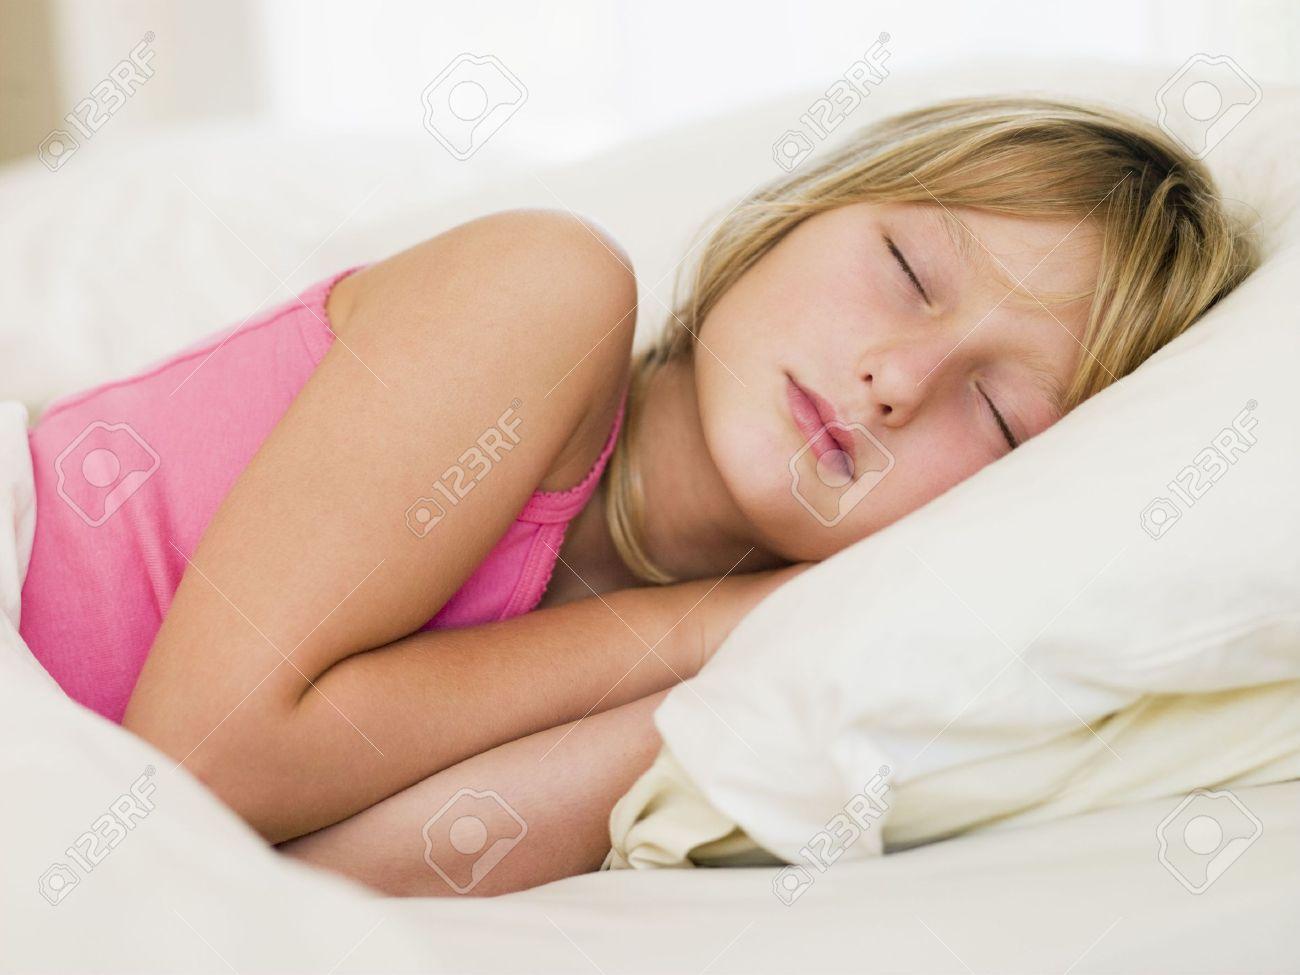 Что могут польские девочки в постели 5 фотография